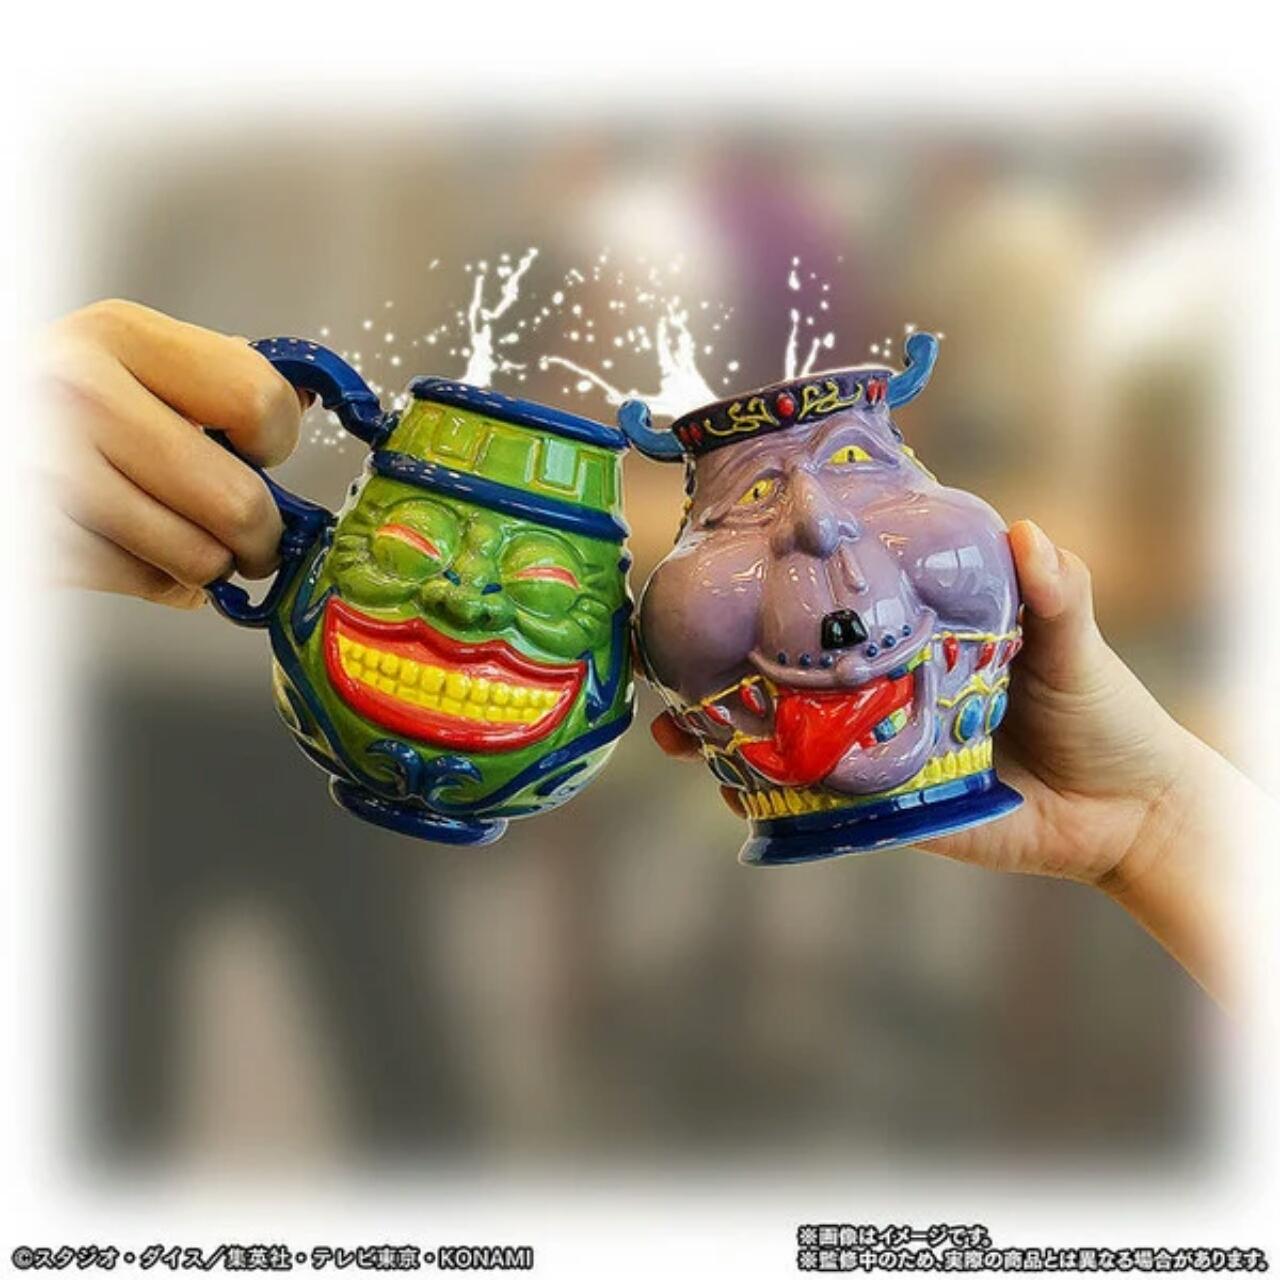 Kini Kamu Bisa Minum Minuman Favorit Kamu dengan Cangkir Pot of Greed dan Pot of Avarice dari Yu-Gi-Oh! 1